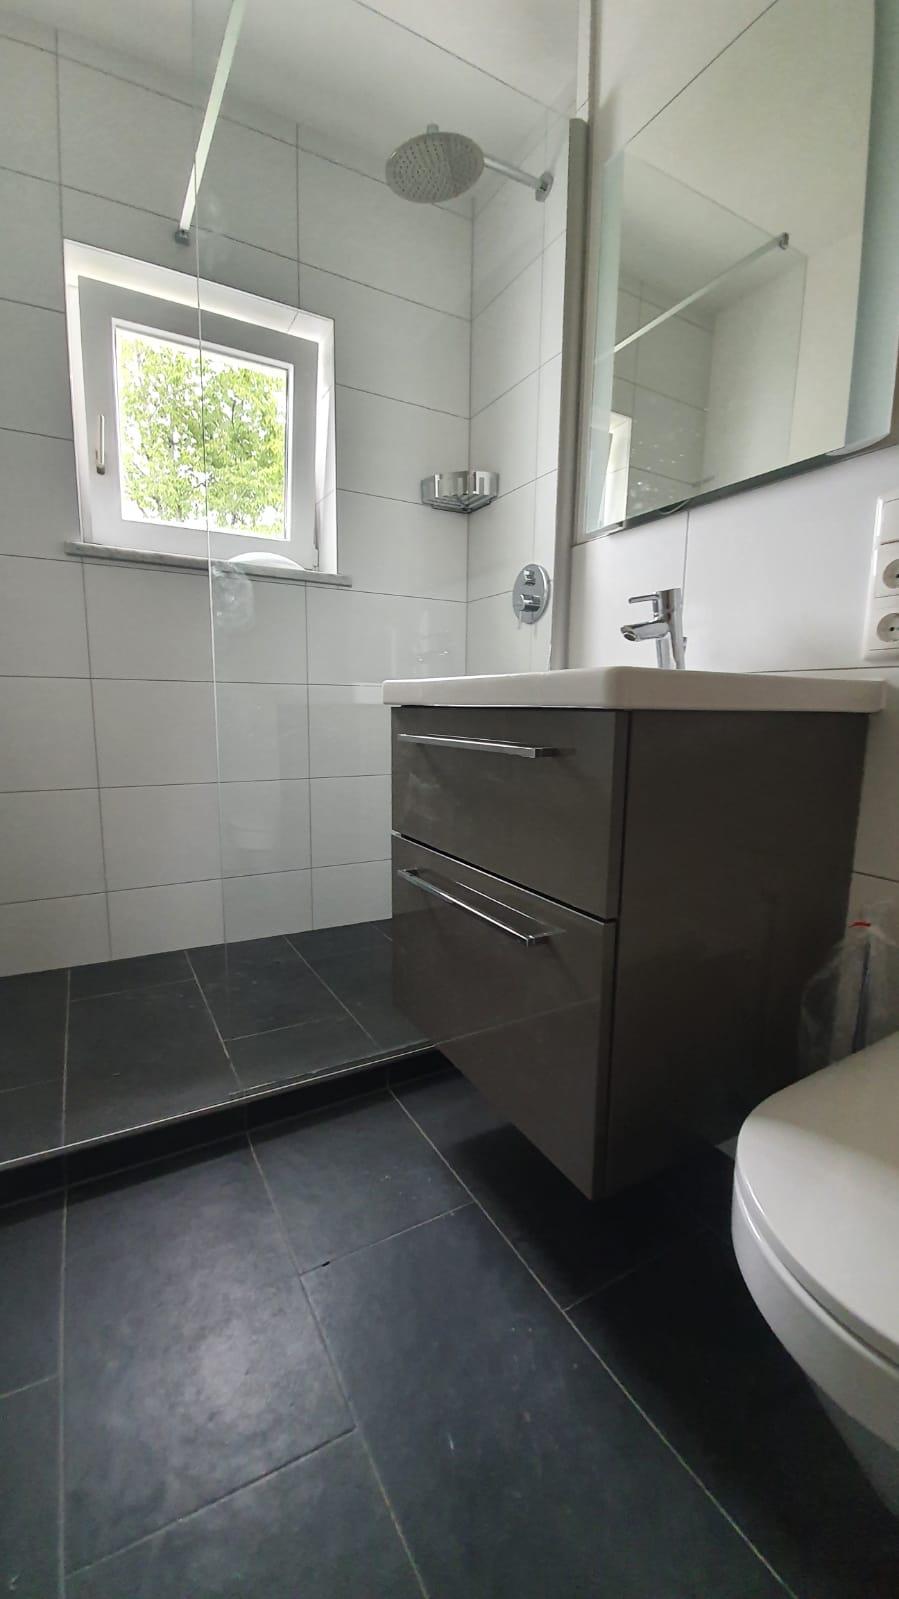 Wohnungsrenovierung inklusive Badrenovierung